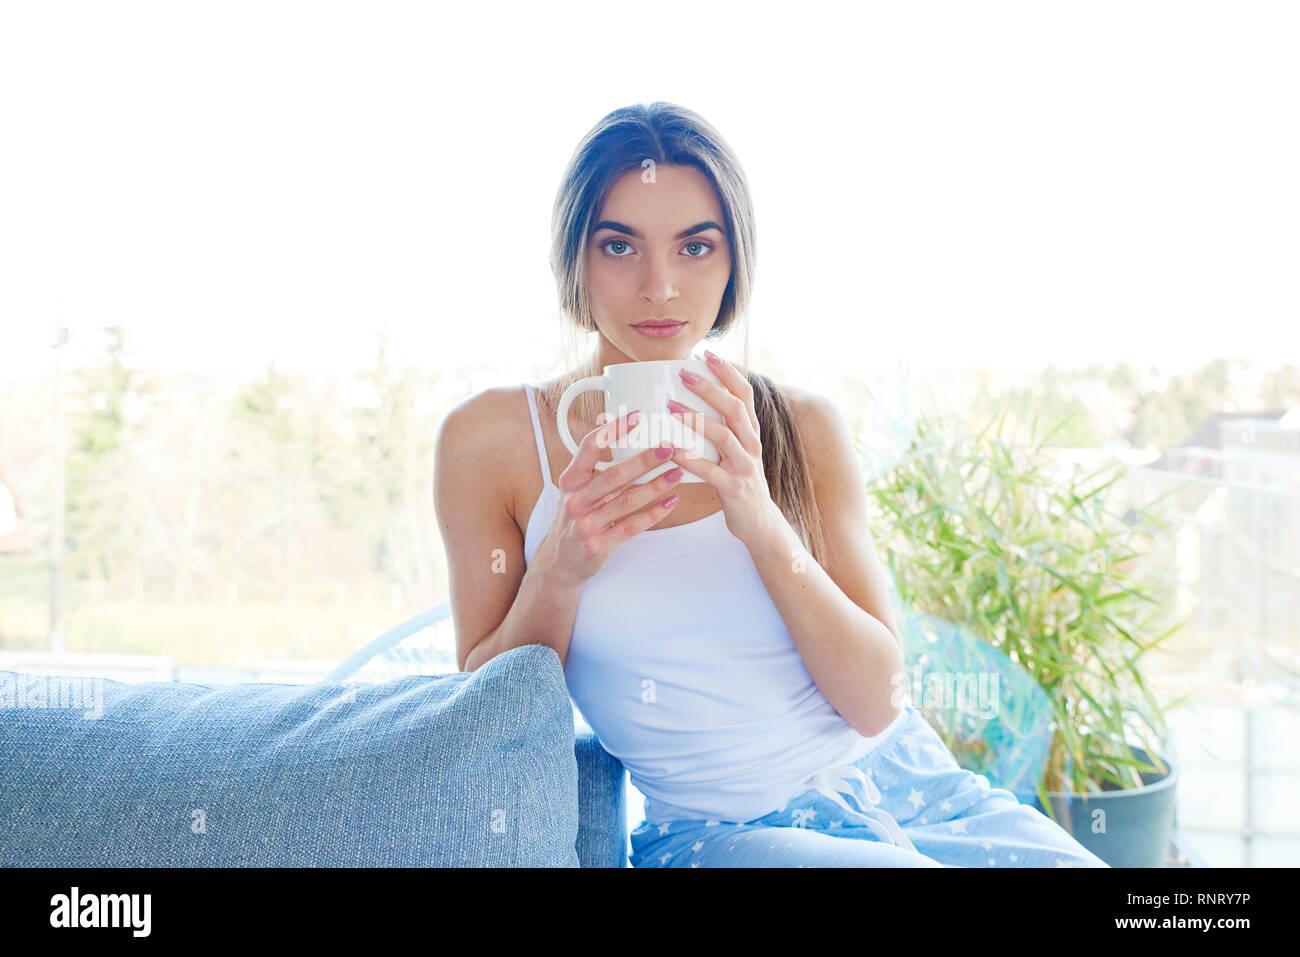 6e621db7e7 Retrato de joven mujer vistiendo pijamas y sosteniendo la taza en la mano  mientras se relaja